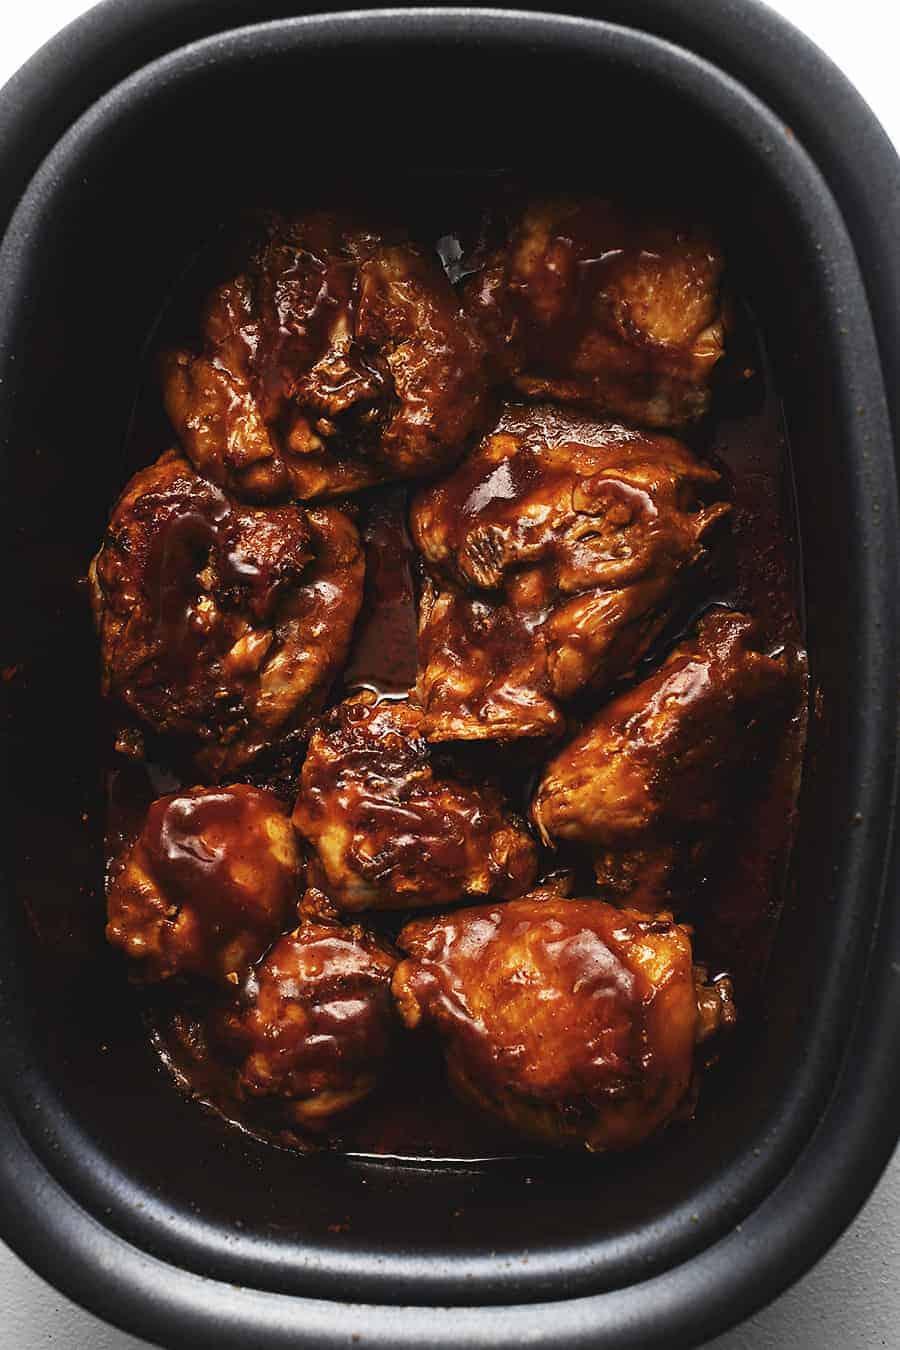 Crock Pot Recipe For Boneless Chicken Thighs : crock, recipe, boneless, chicken, thighs, Crock, Chicken, Thighs, Jennifer